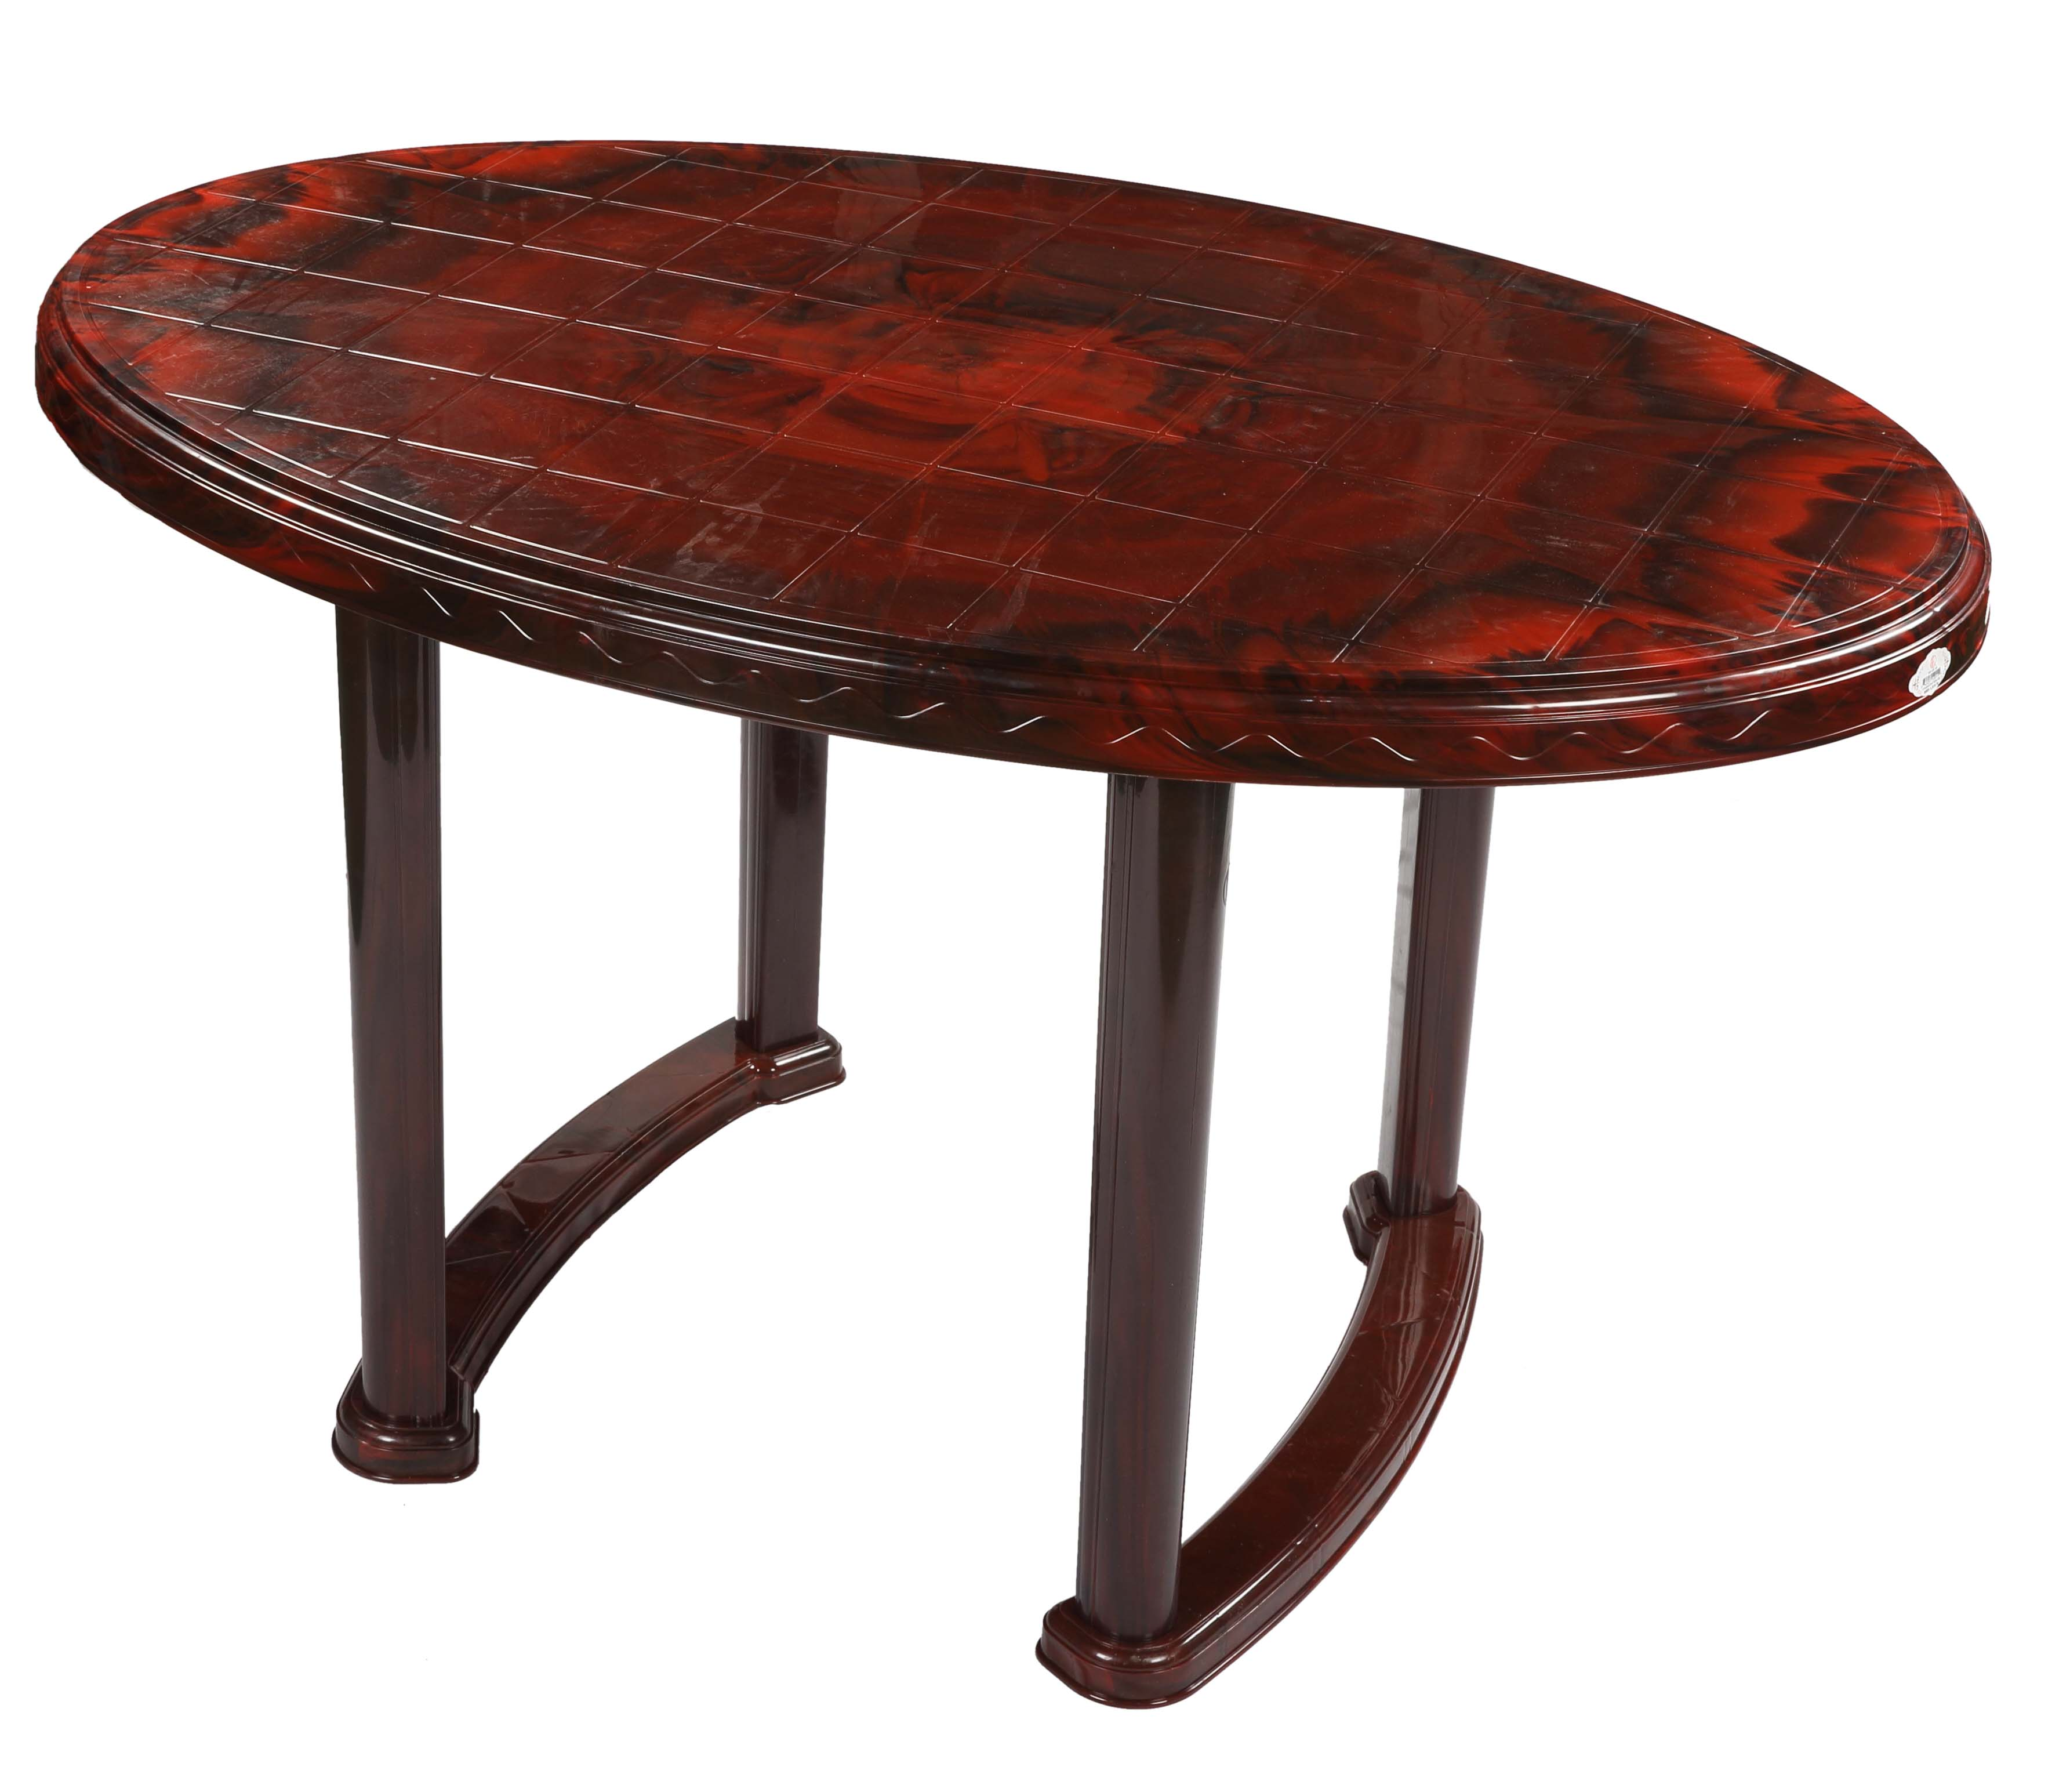 4 Seated Oval Table Plas Rose Wood